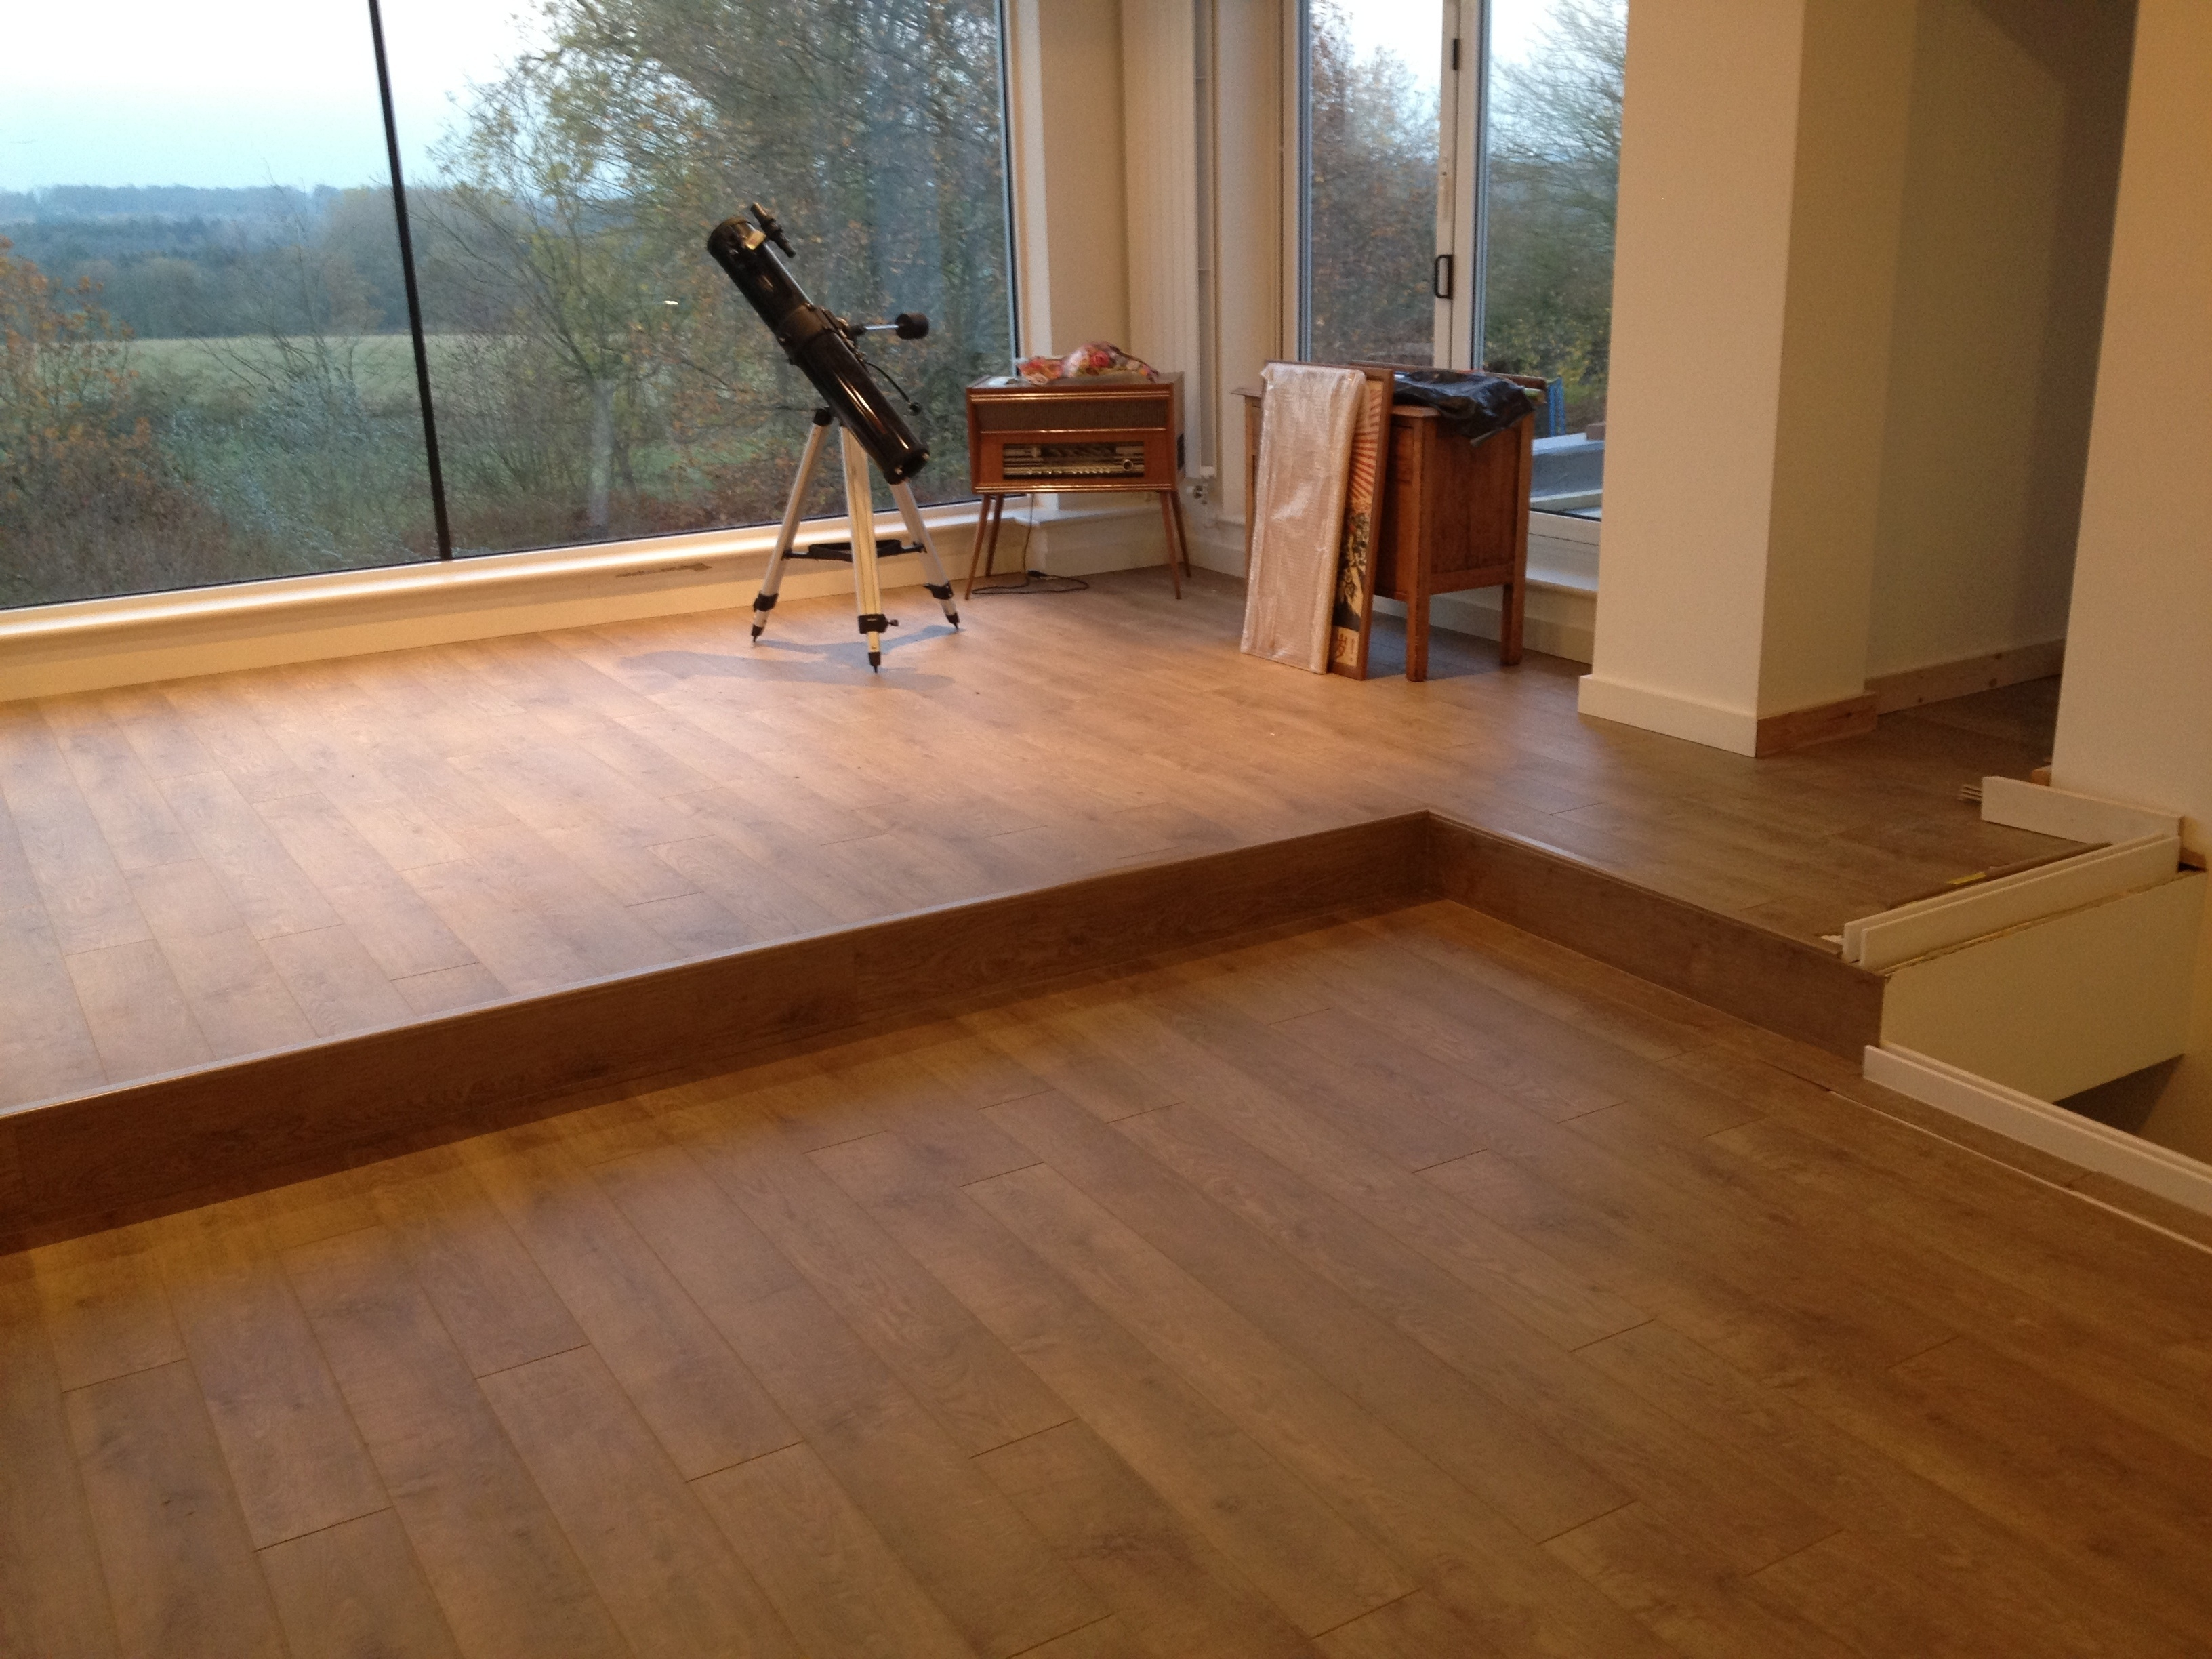 Linoleum Flooring That Looks Like Real Wood